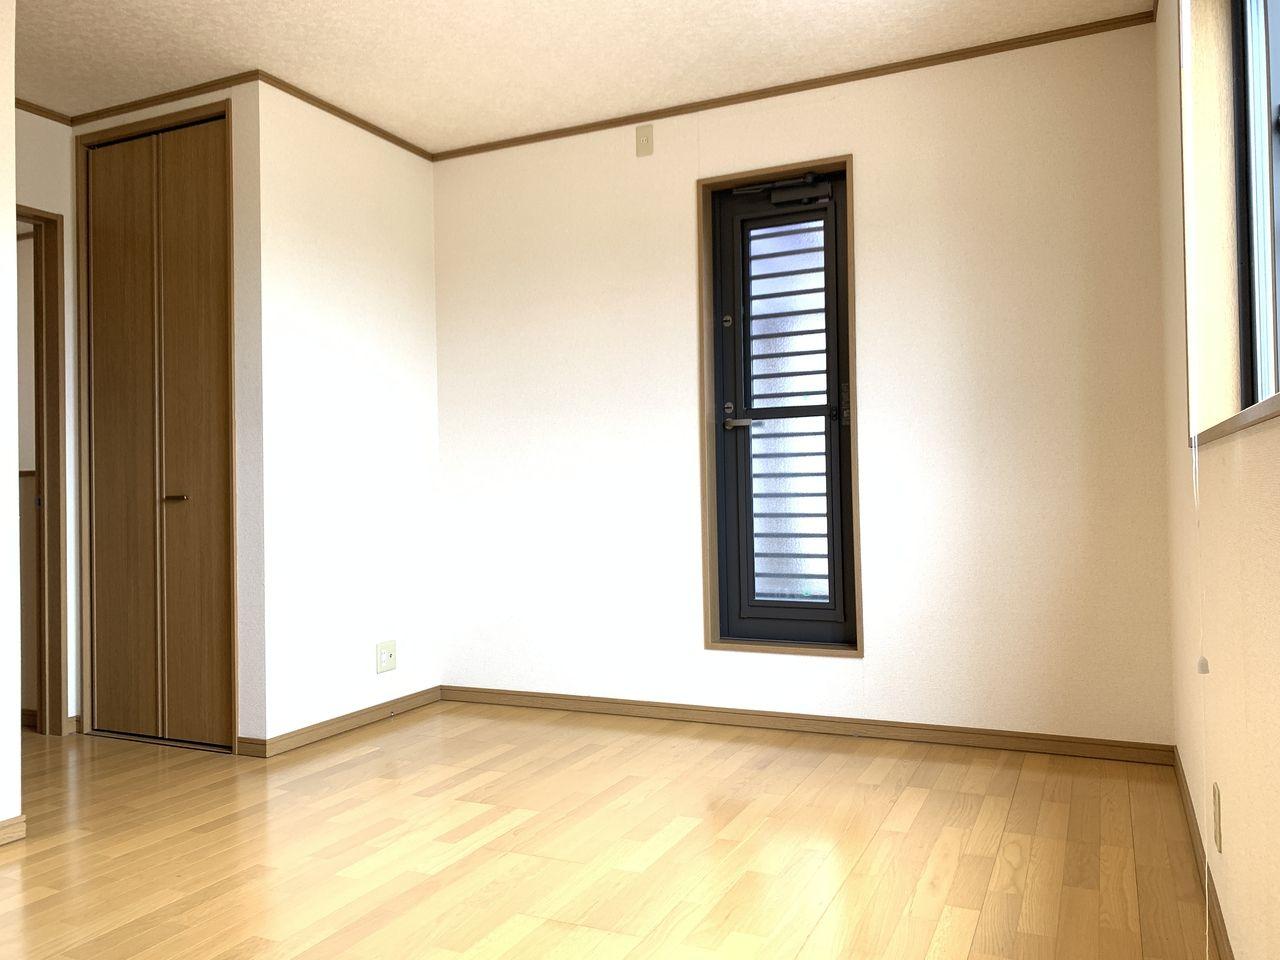 日当たりもよく明るい洋室です